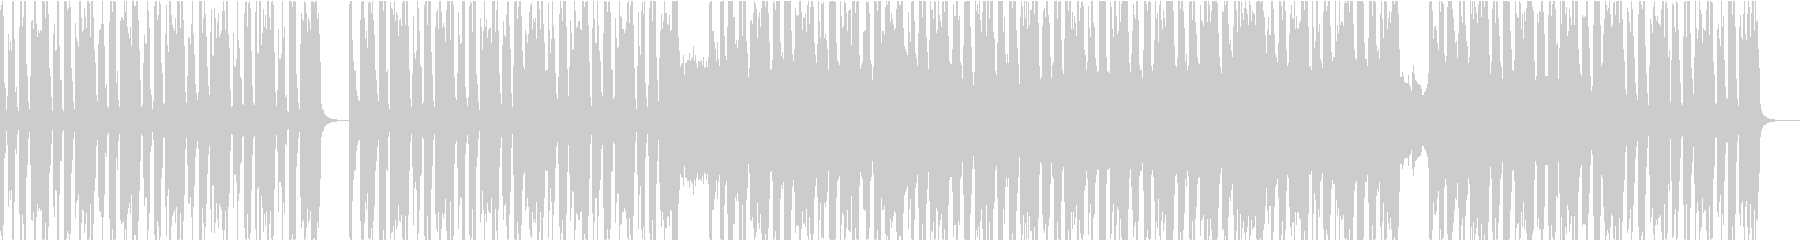 生々しい現代ブルースロックの未再生の波形